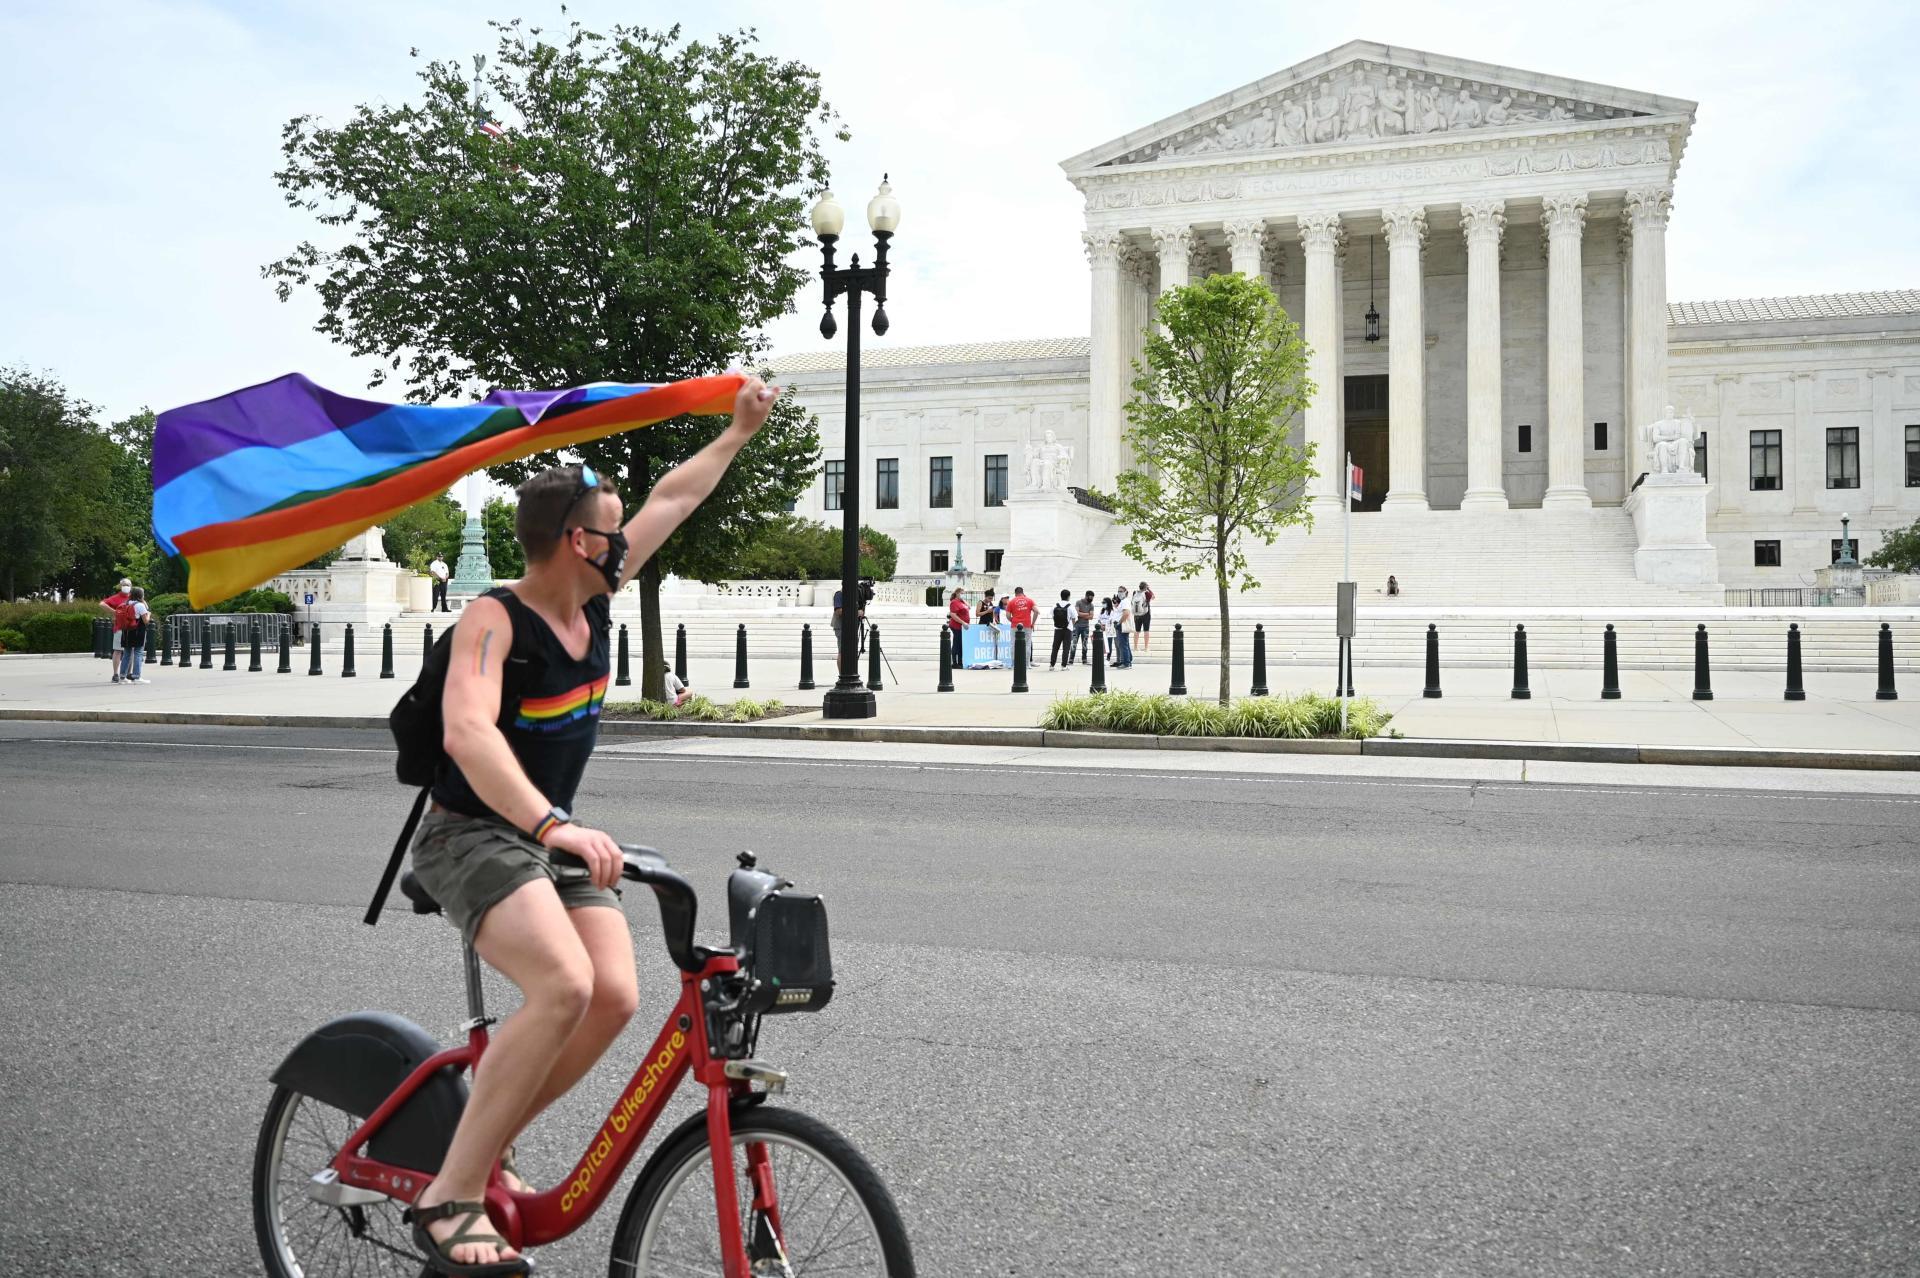 Drapeau LGBT devant la Cour suprême des USA